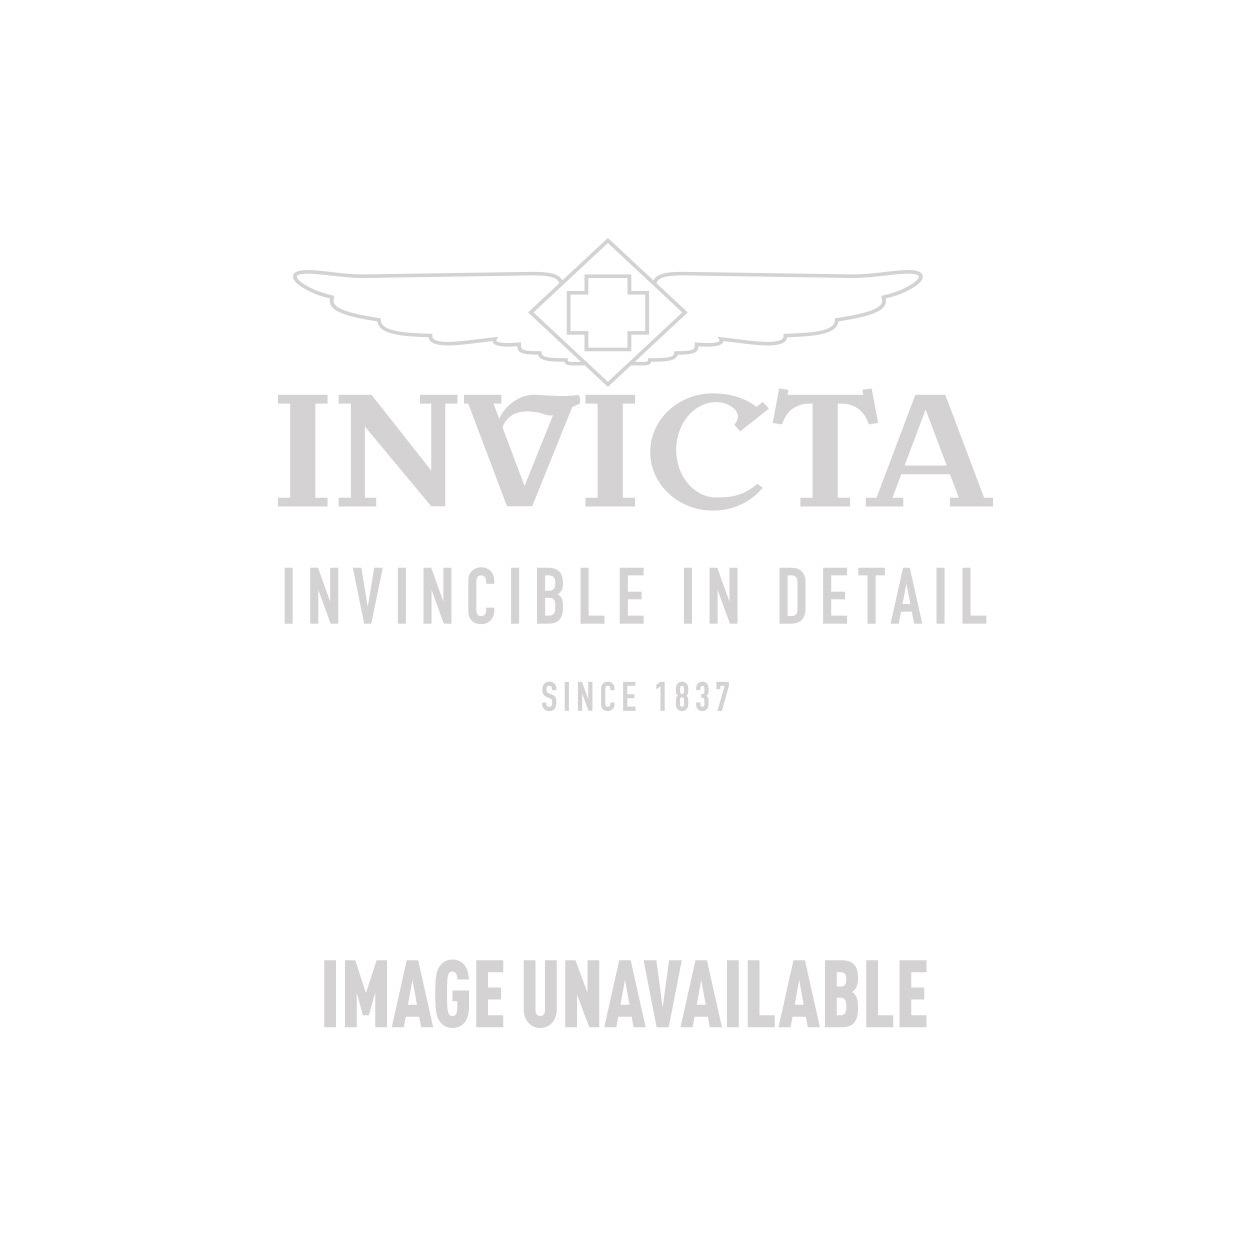 Invicta Model 25252